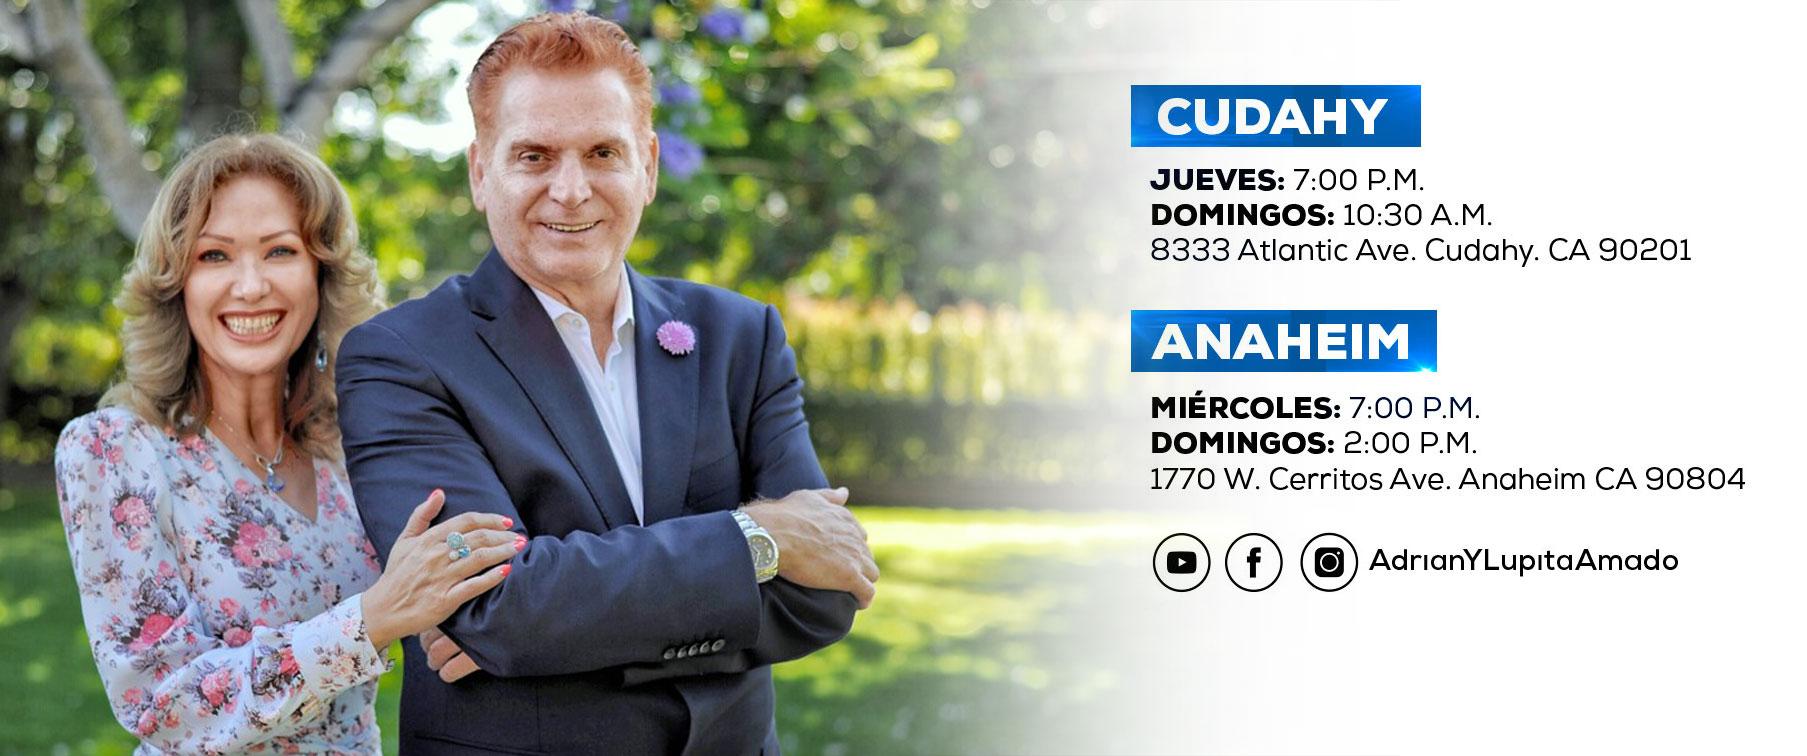 Adrian-y-lupita-amado-banner-SERVICIOS-HORARIOS-iglesia-una-voz-profetica